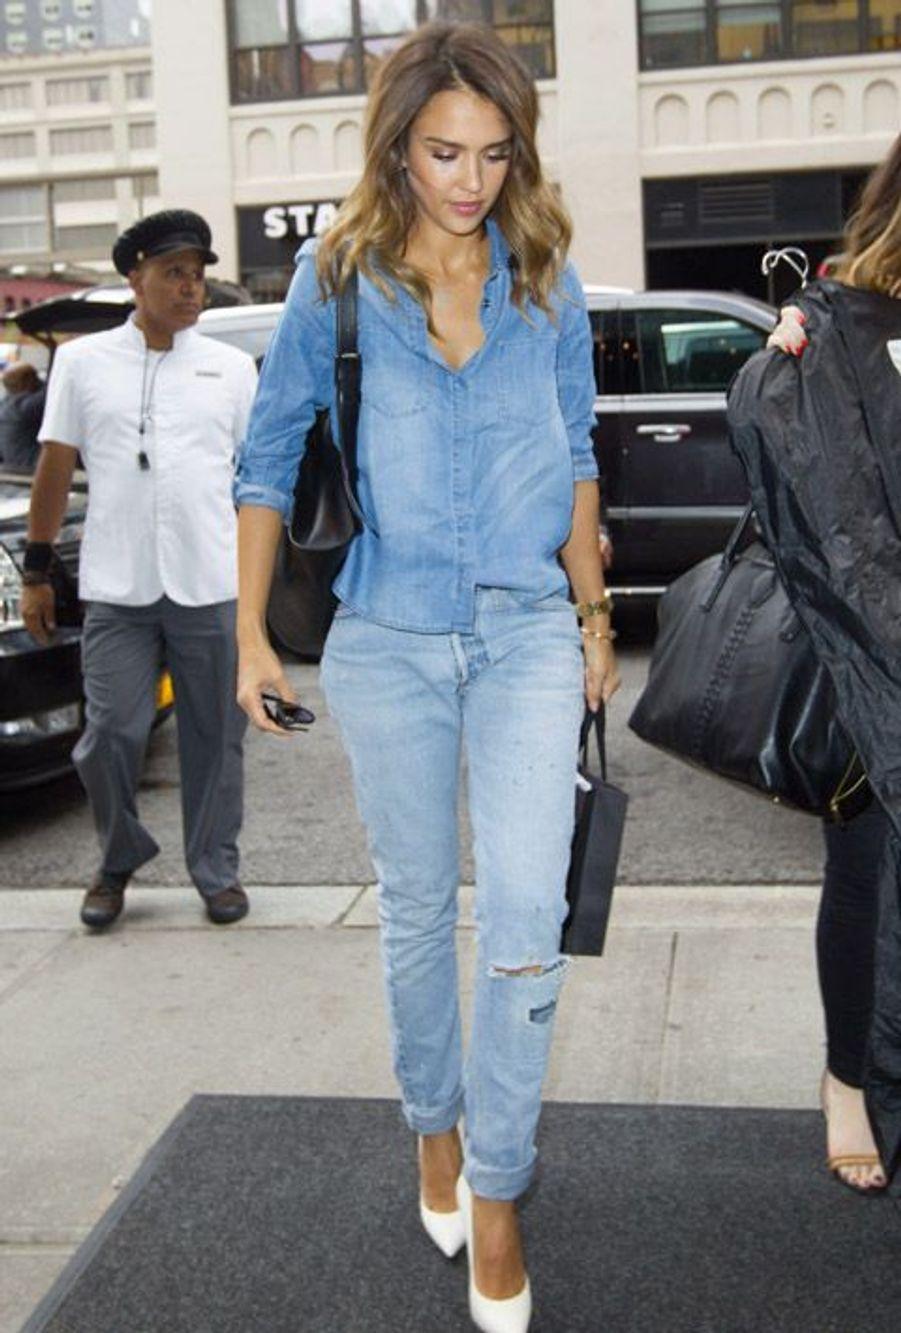 L'actrice Jessica Alba féminise son total look denim avec une paire d'escarpins clairs à New York, le 9 septembre 2014